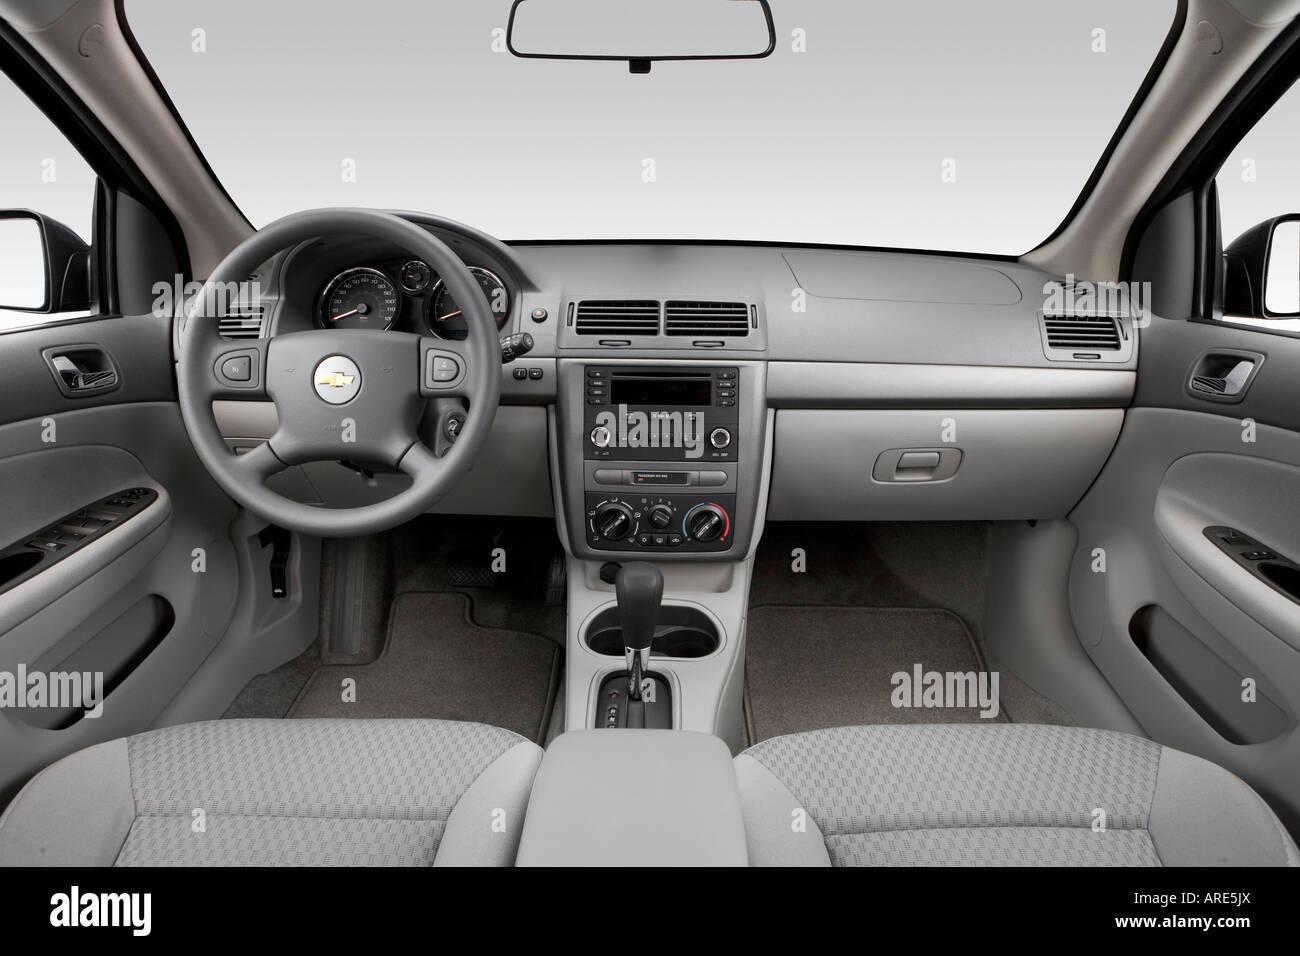 Cobalt chevy cobalt 2006 : 2006 Chevrolet Cobalt LT in Blue - Dashboard, center console, gear ...